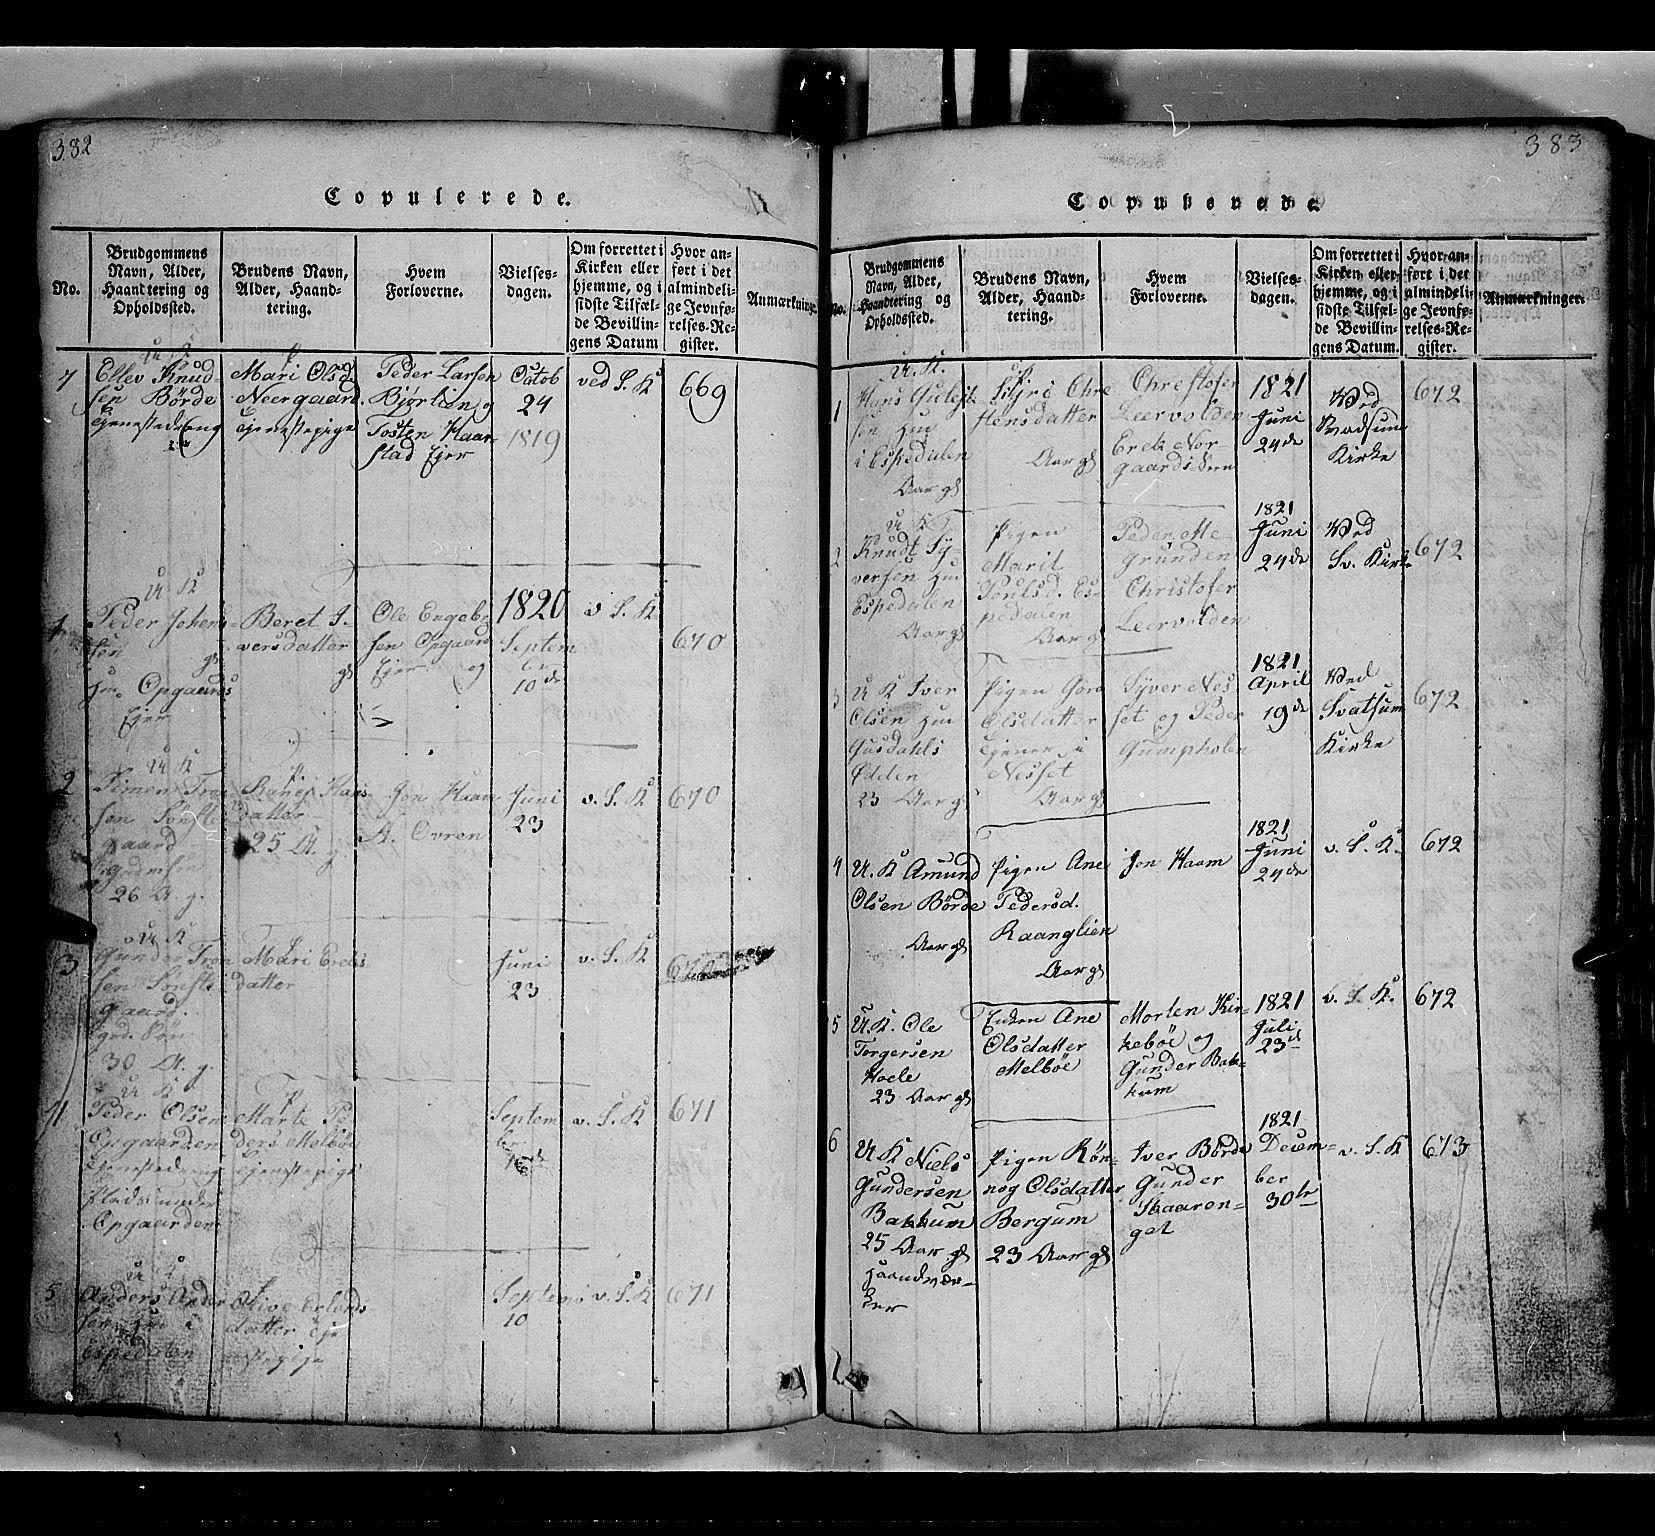 SAH, Gausdal prestekontor, Klokkerbok nr. 2, 1818-1874, s. 382-383